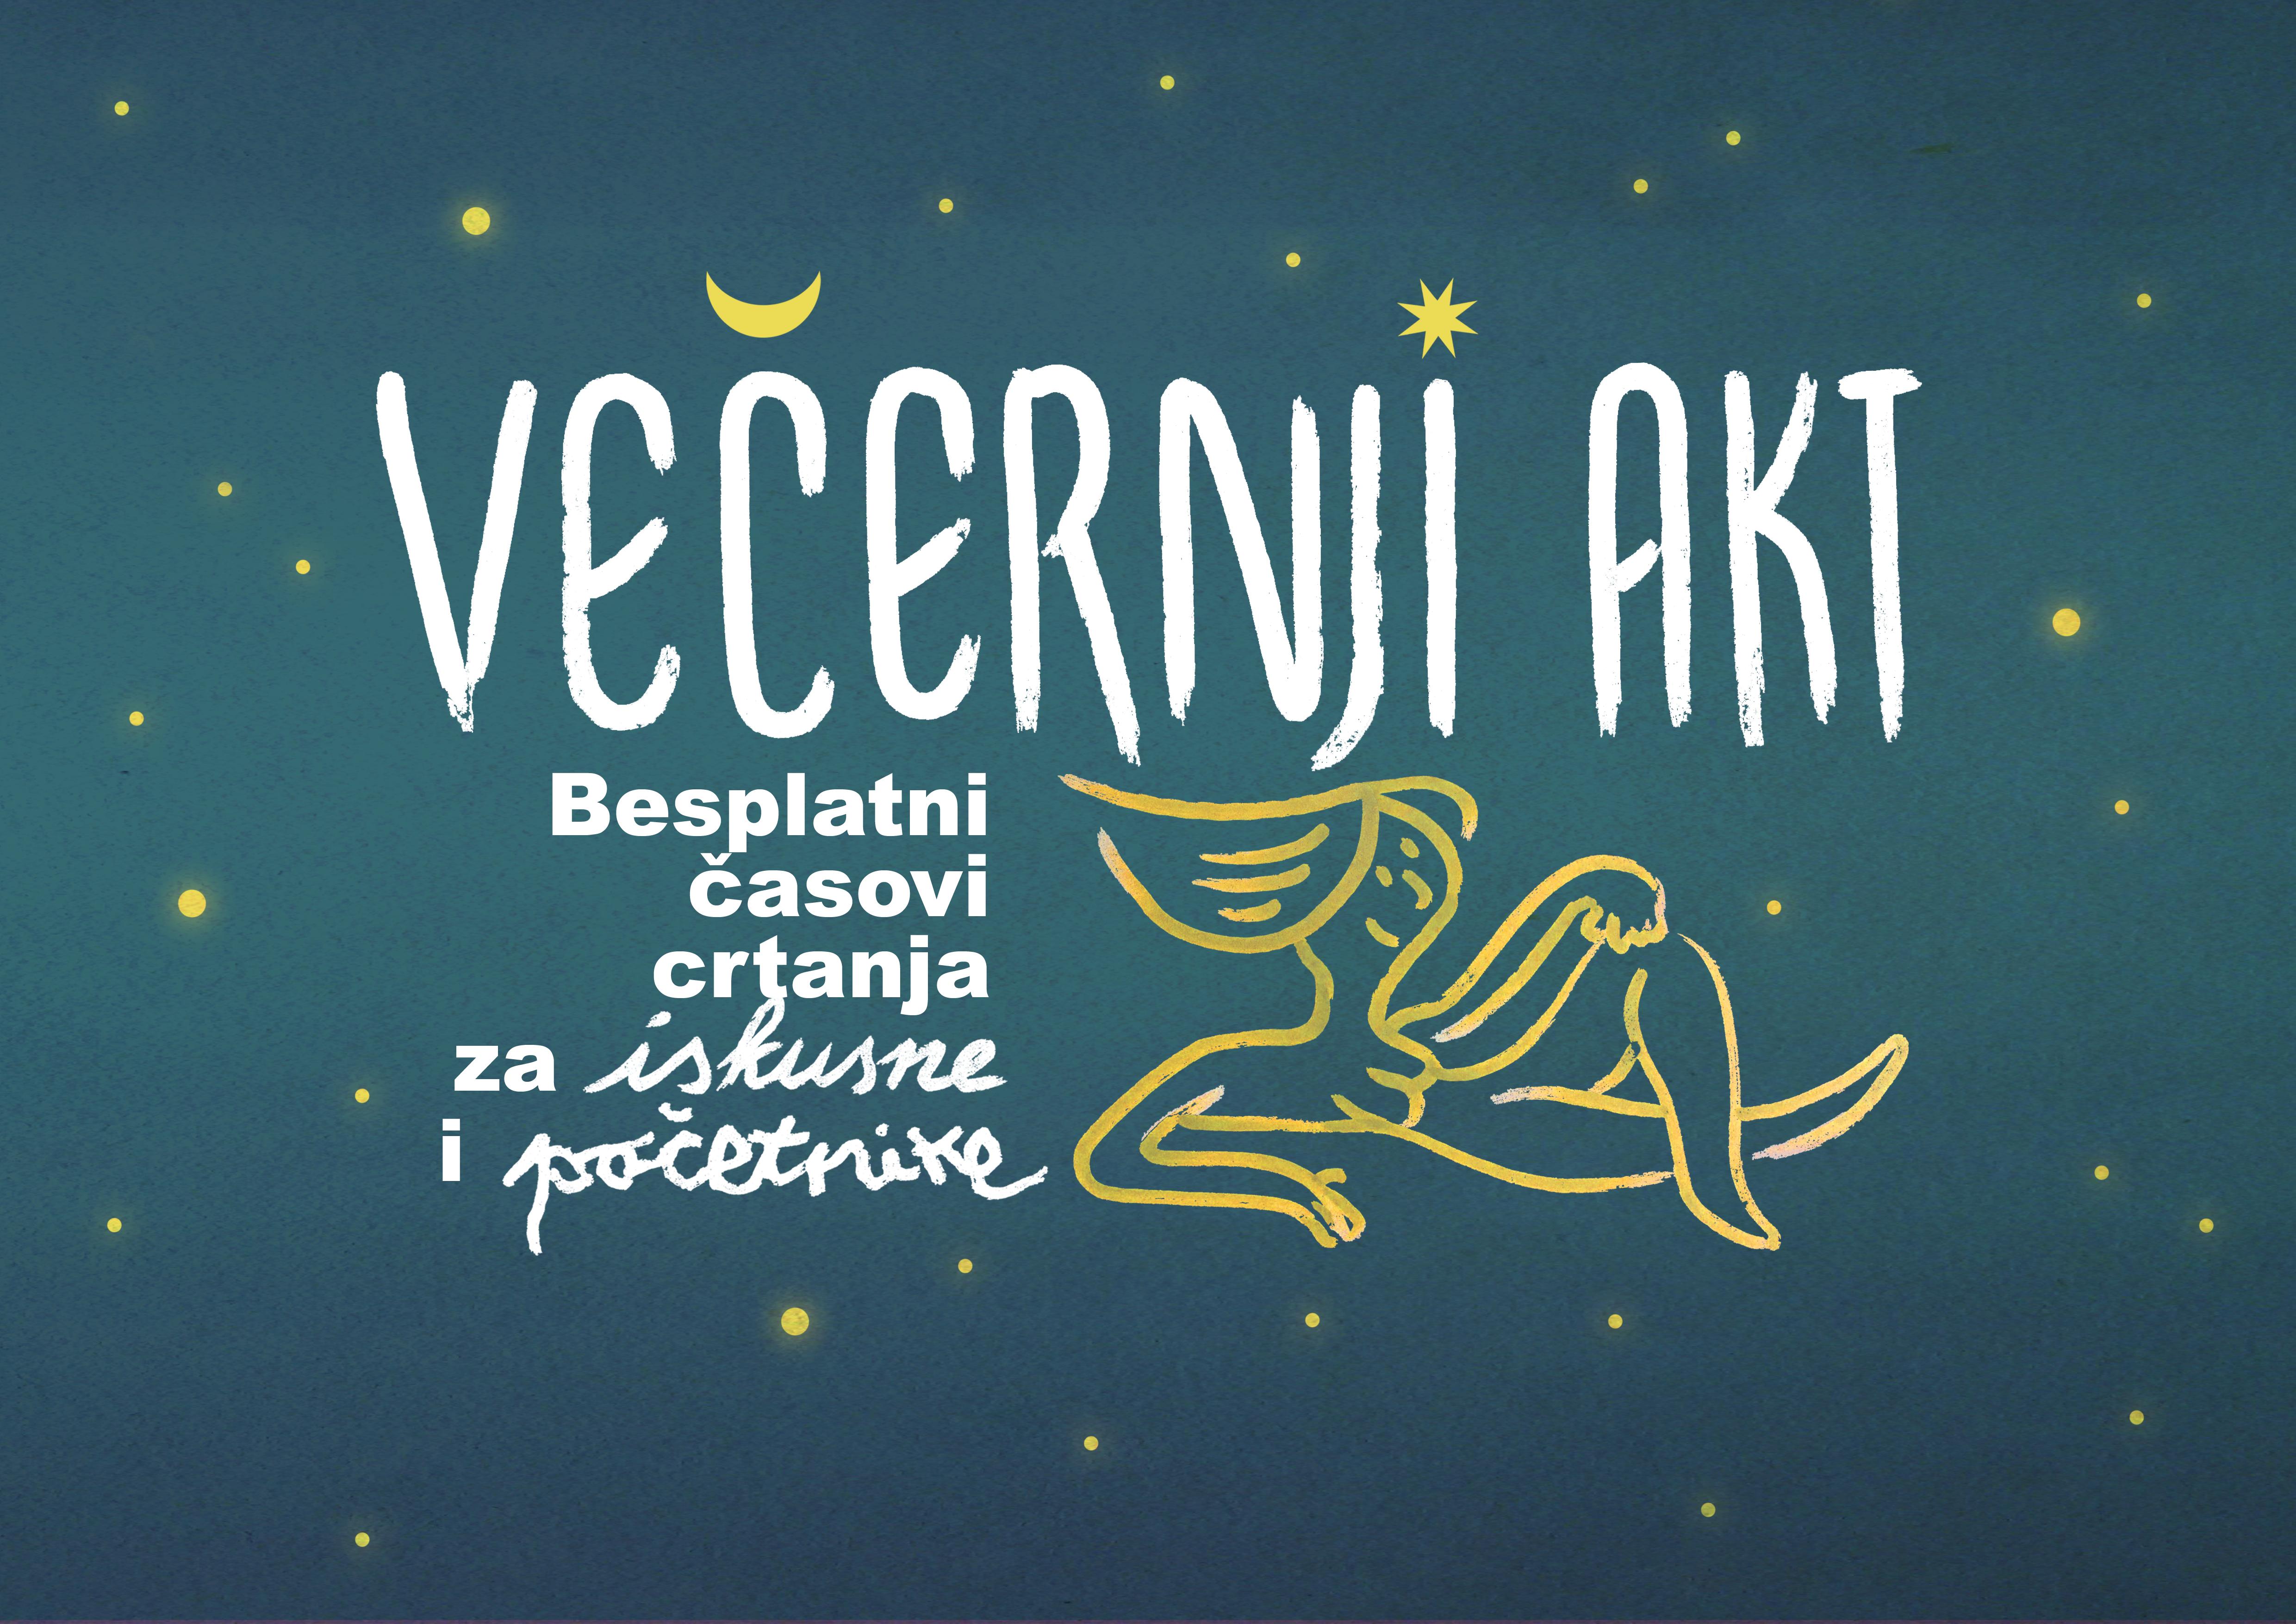 vecernji_akt_cover